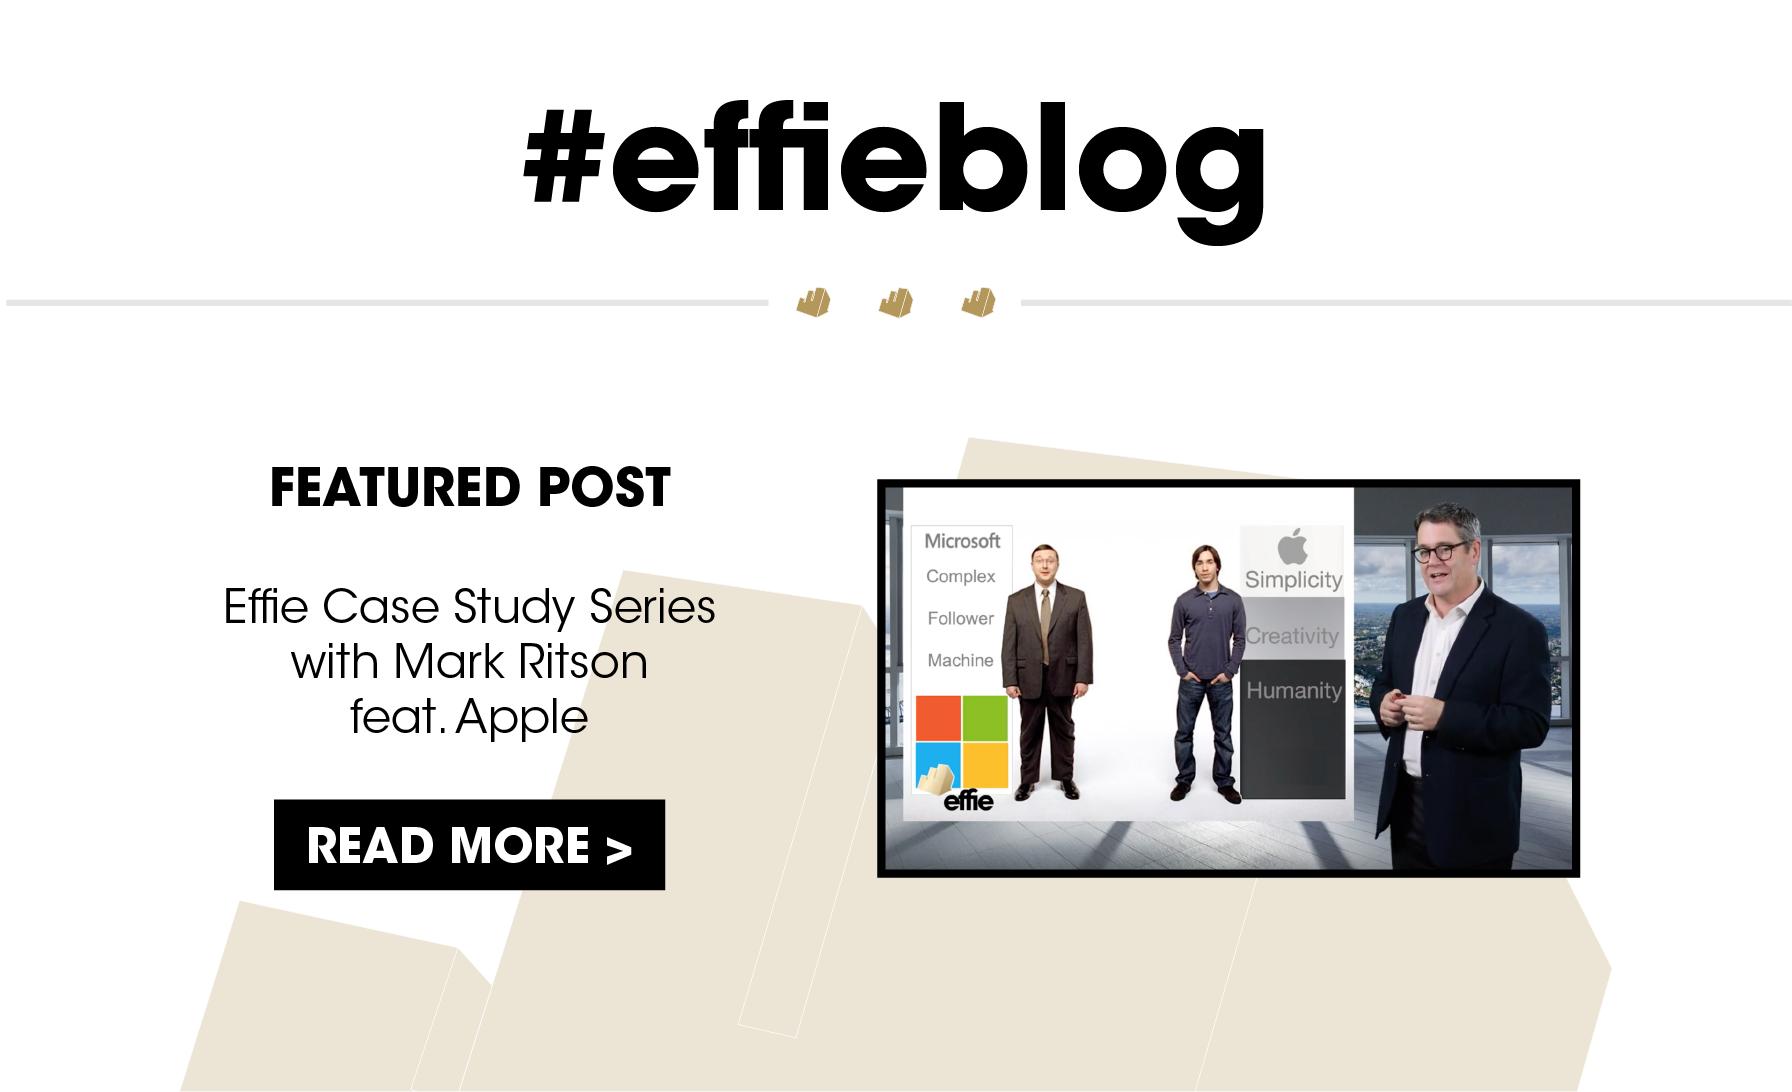 Effie Worldwide Blog • Effie Case Study Series with Mark Ritson